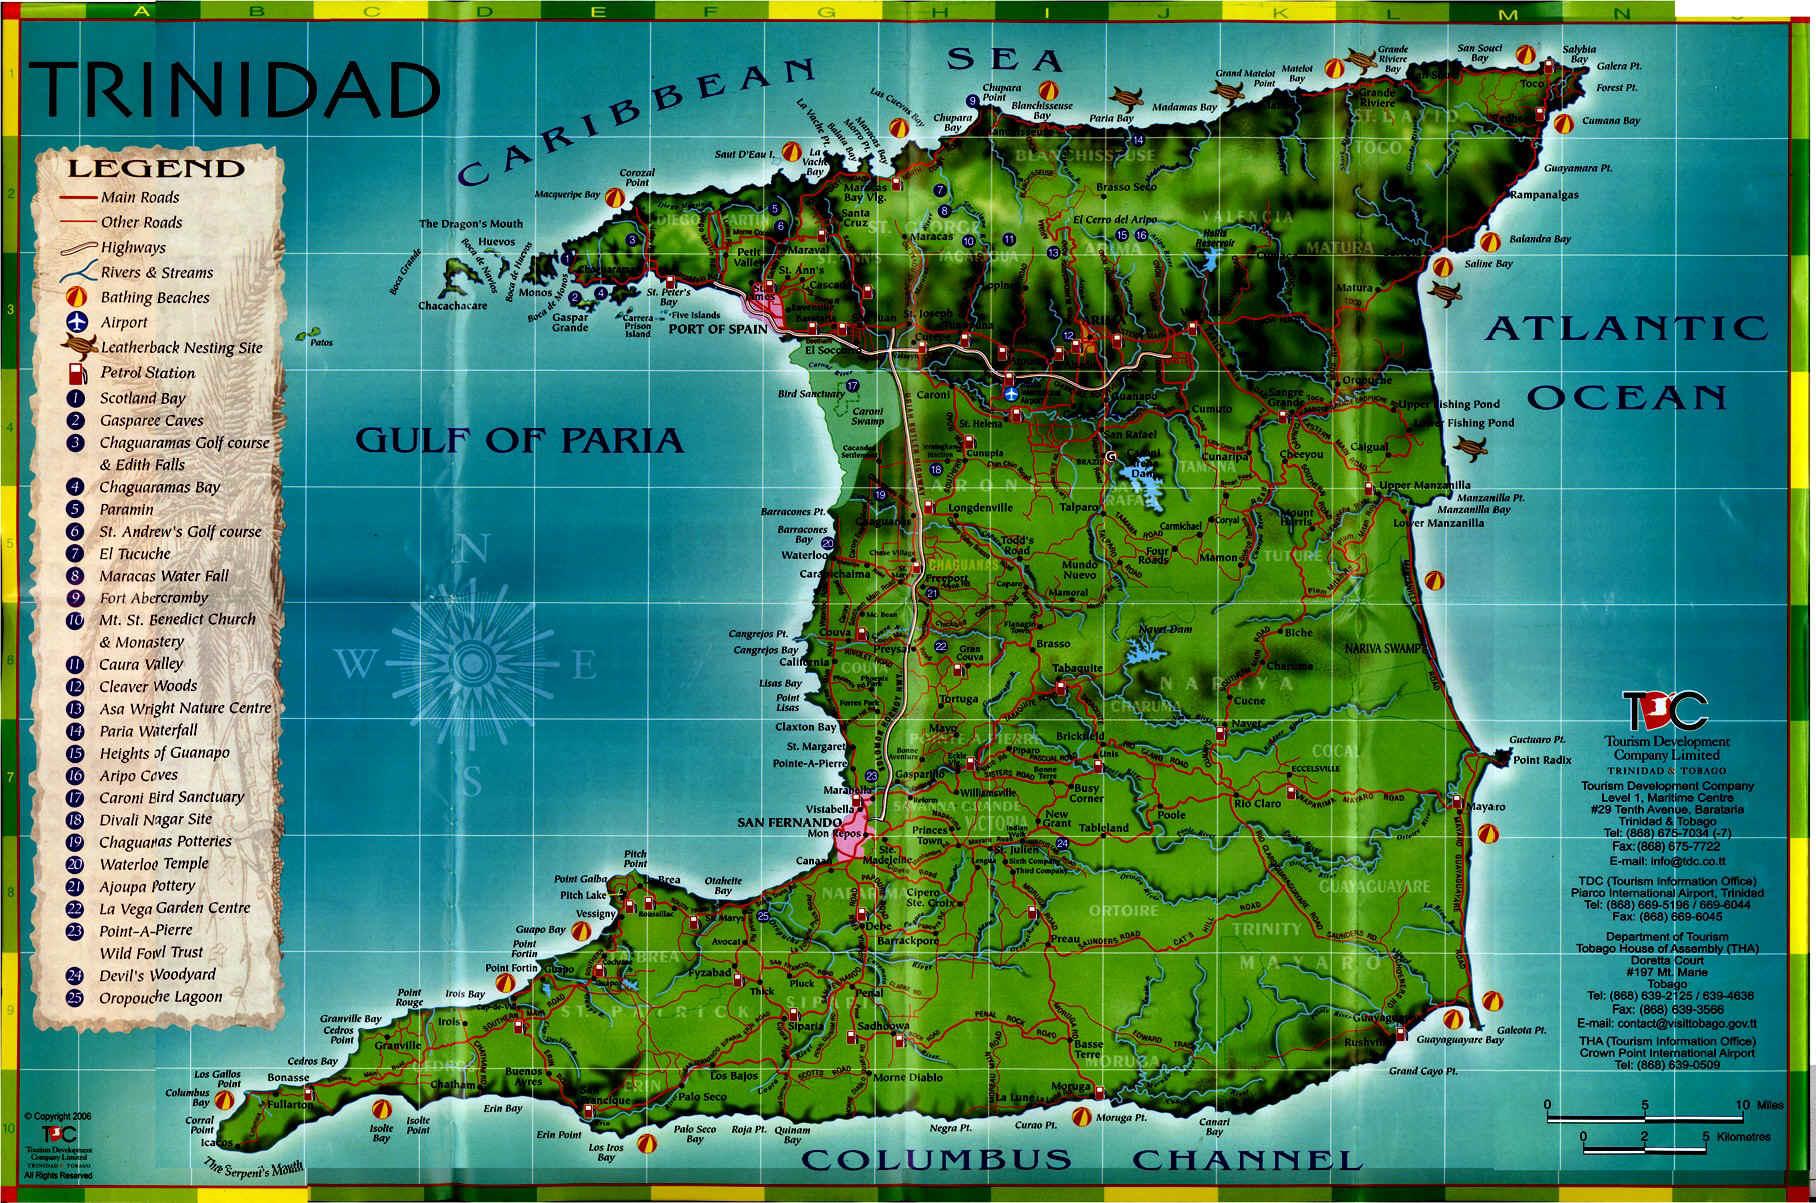 Trinidad Tourist Map Trinidad Tobago Mappery - Trinidad map